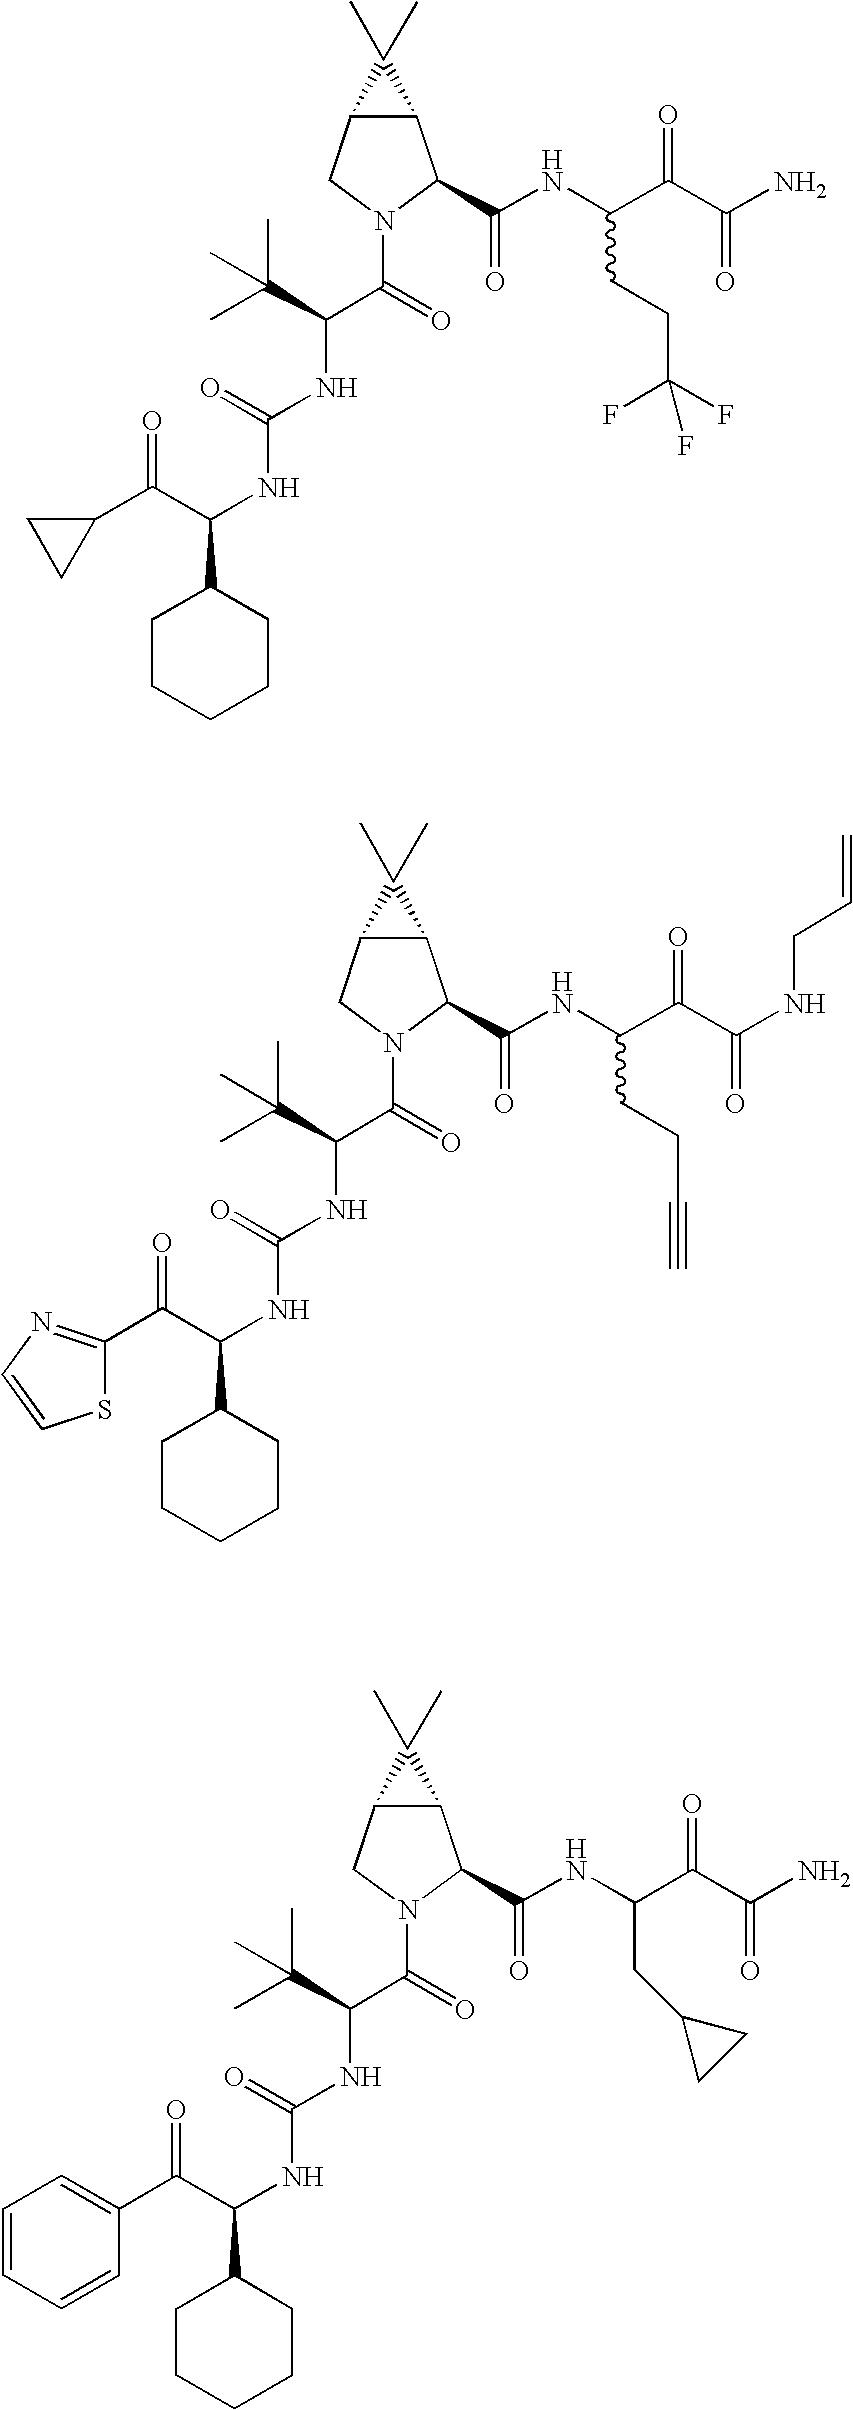 Figure US20060287248A1-20061221-C00215